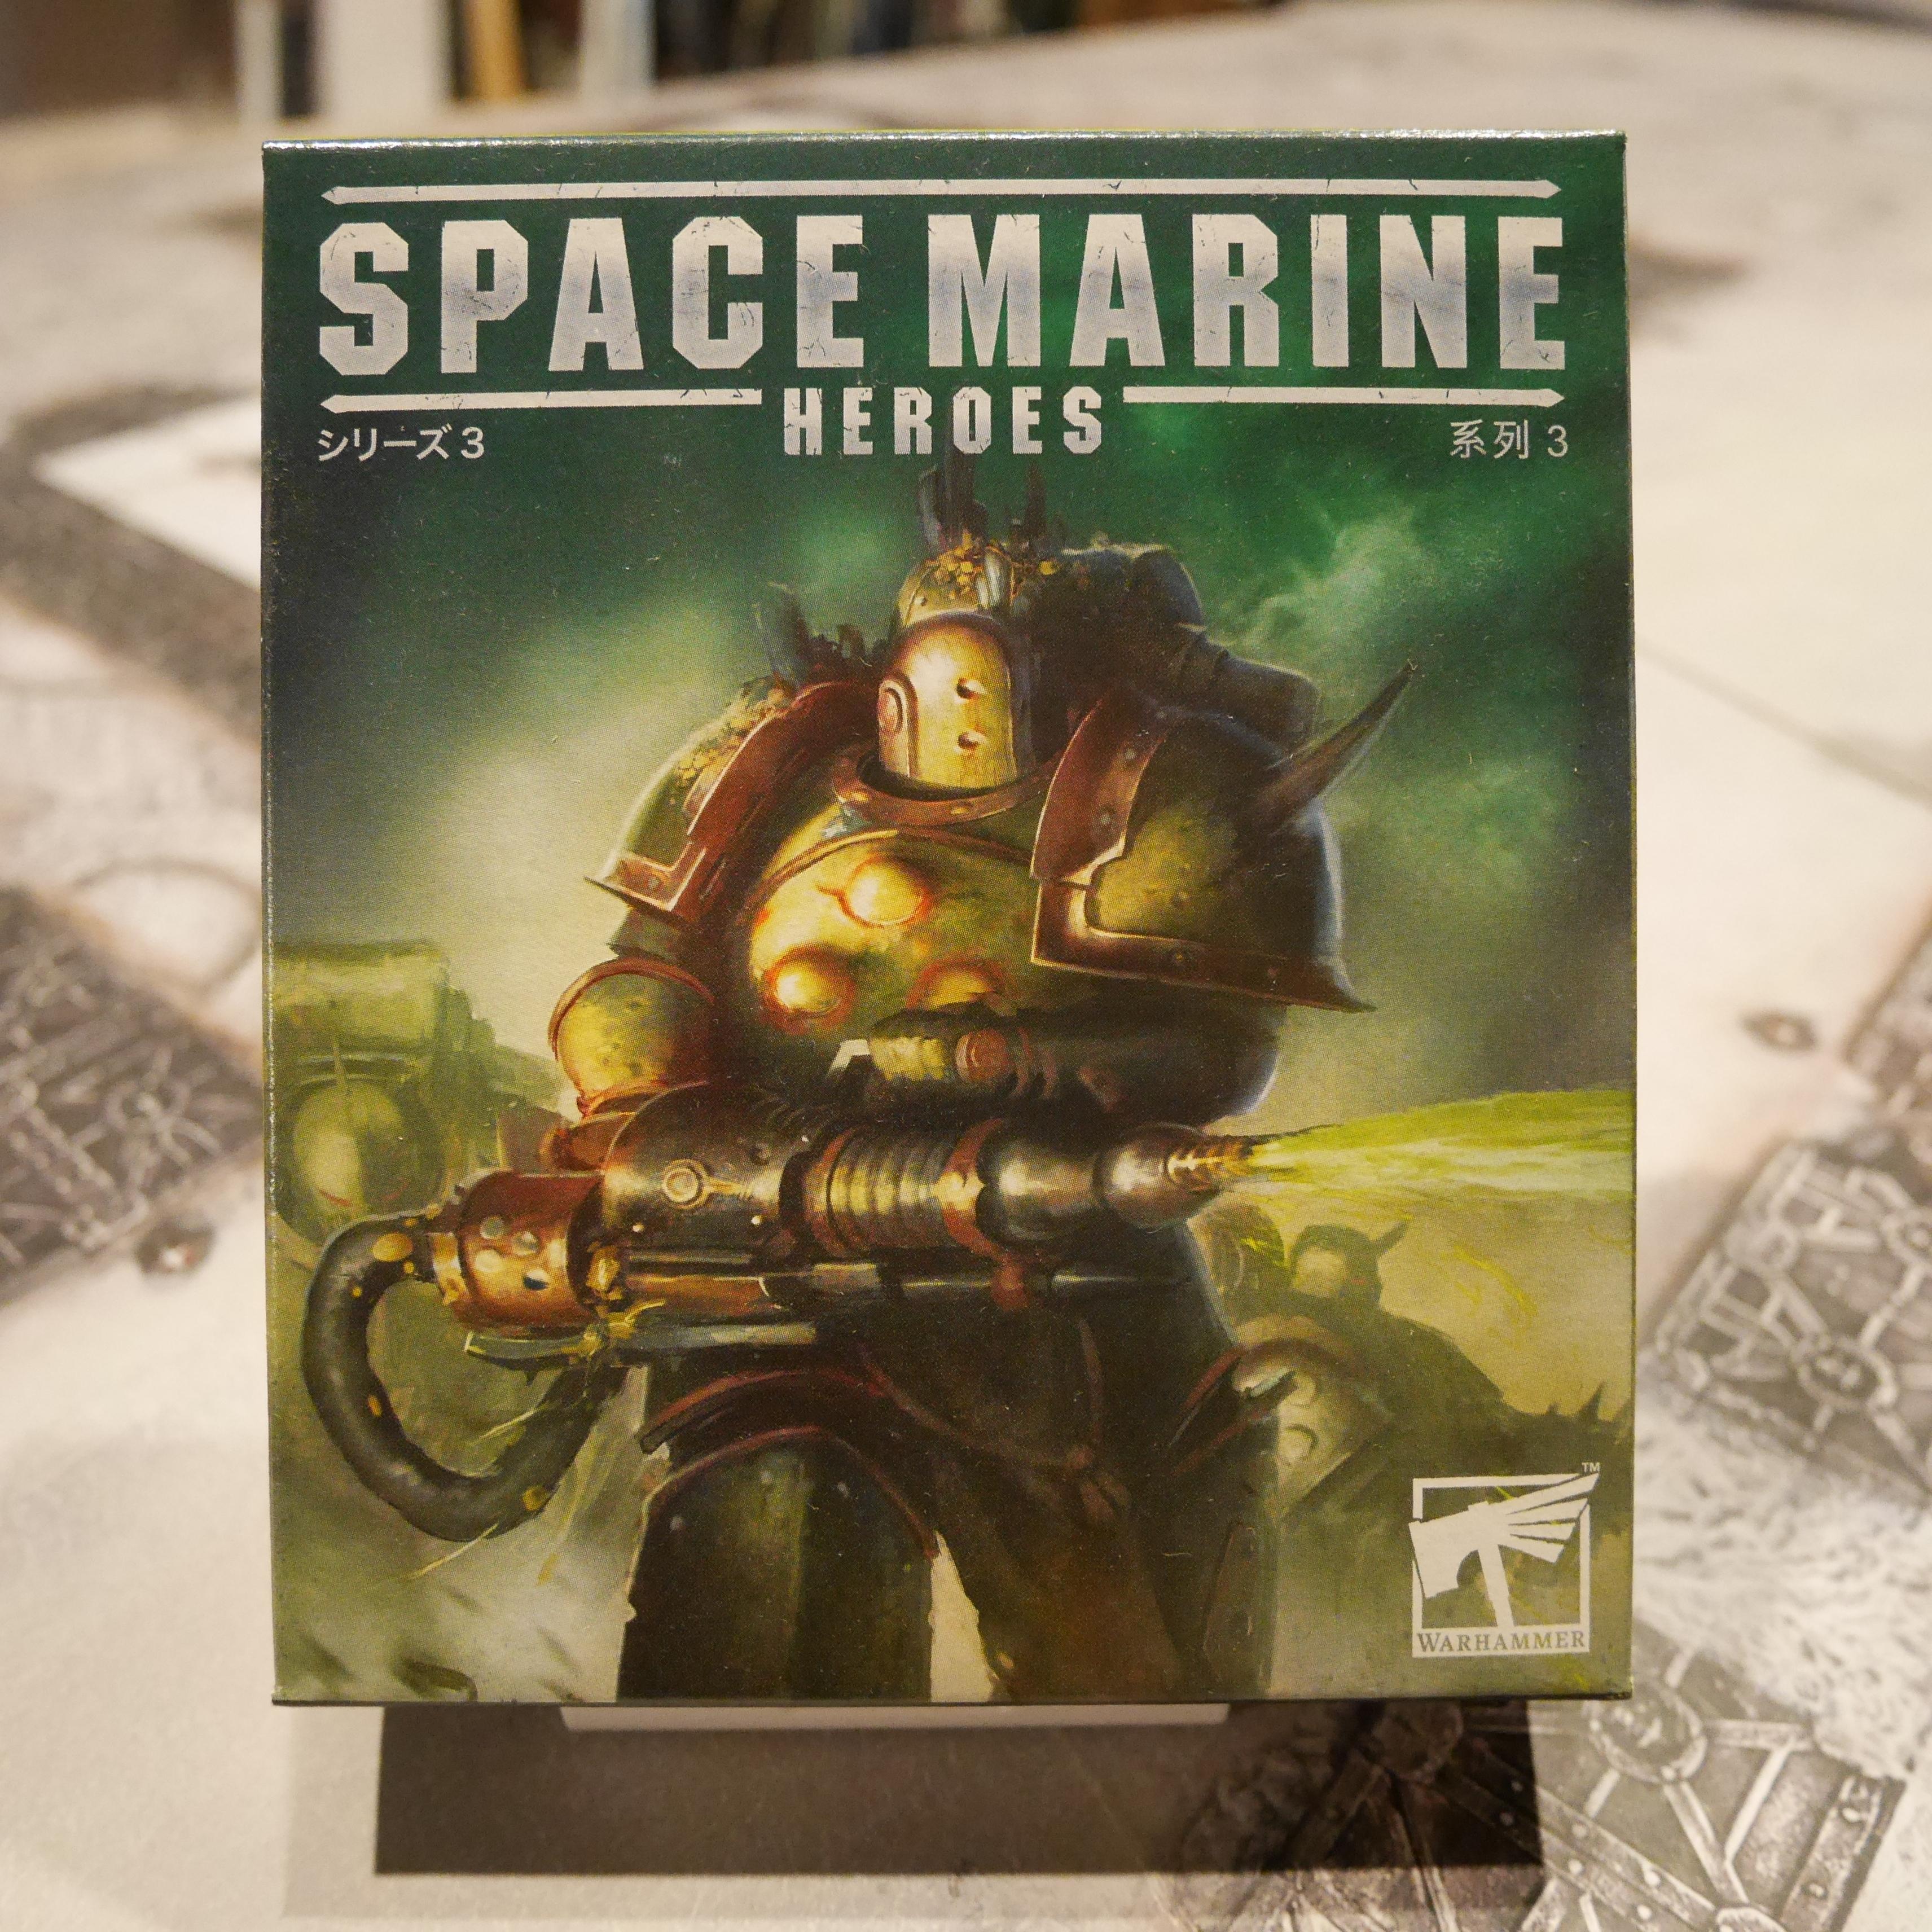 SPACE MARINE HEROES シリーズ3